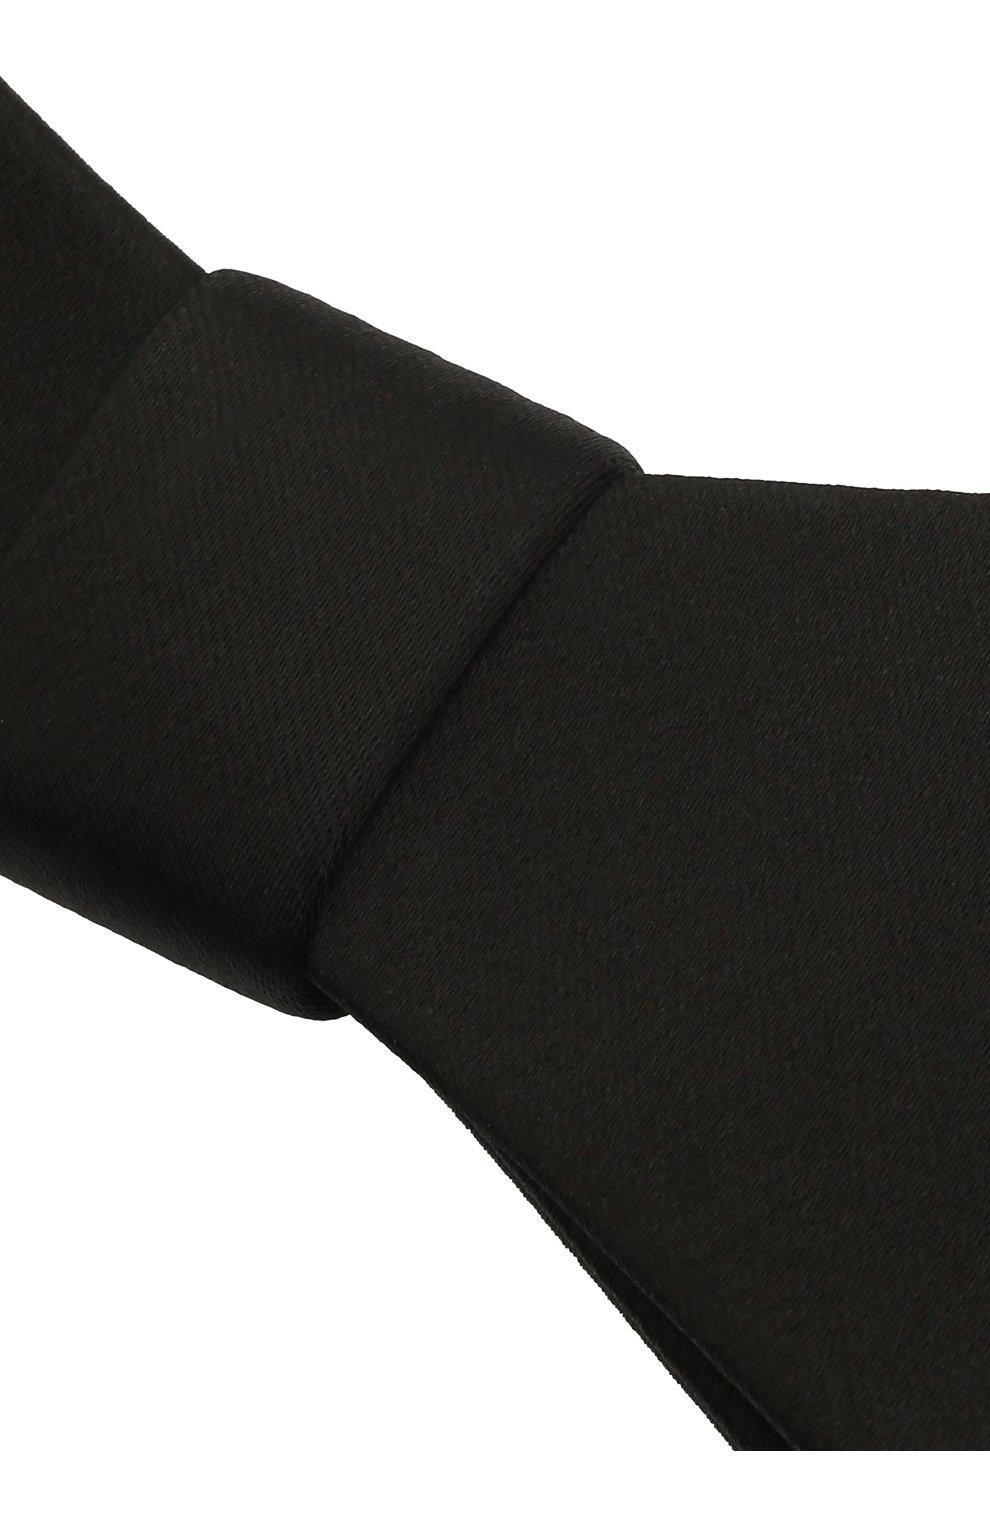 Женская бант PANFIL черного цвета, арт. Бант 0-T3 | Фото 3 (Материал: Текстиль, Шелк)